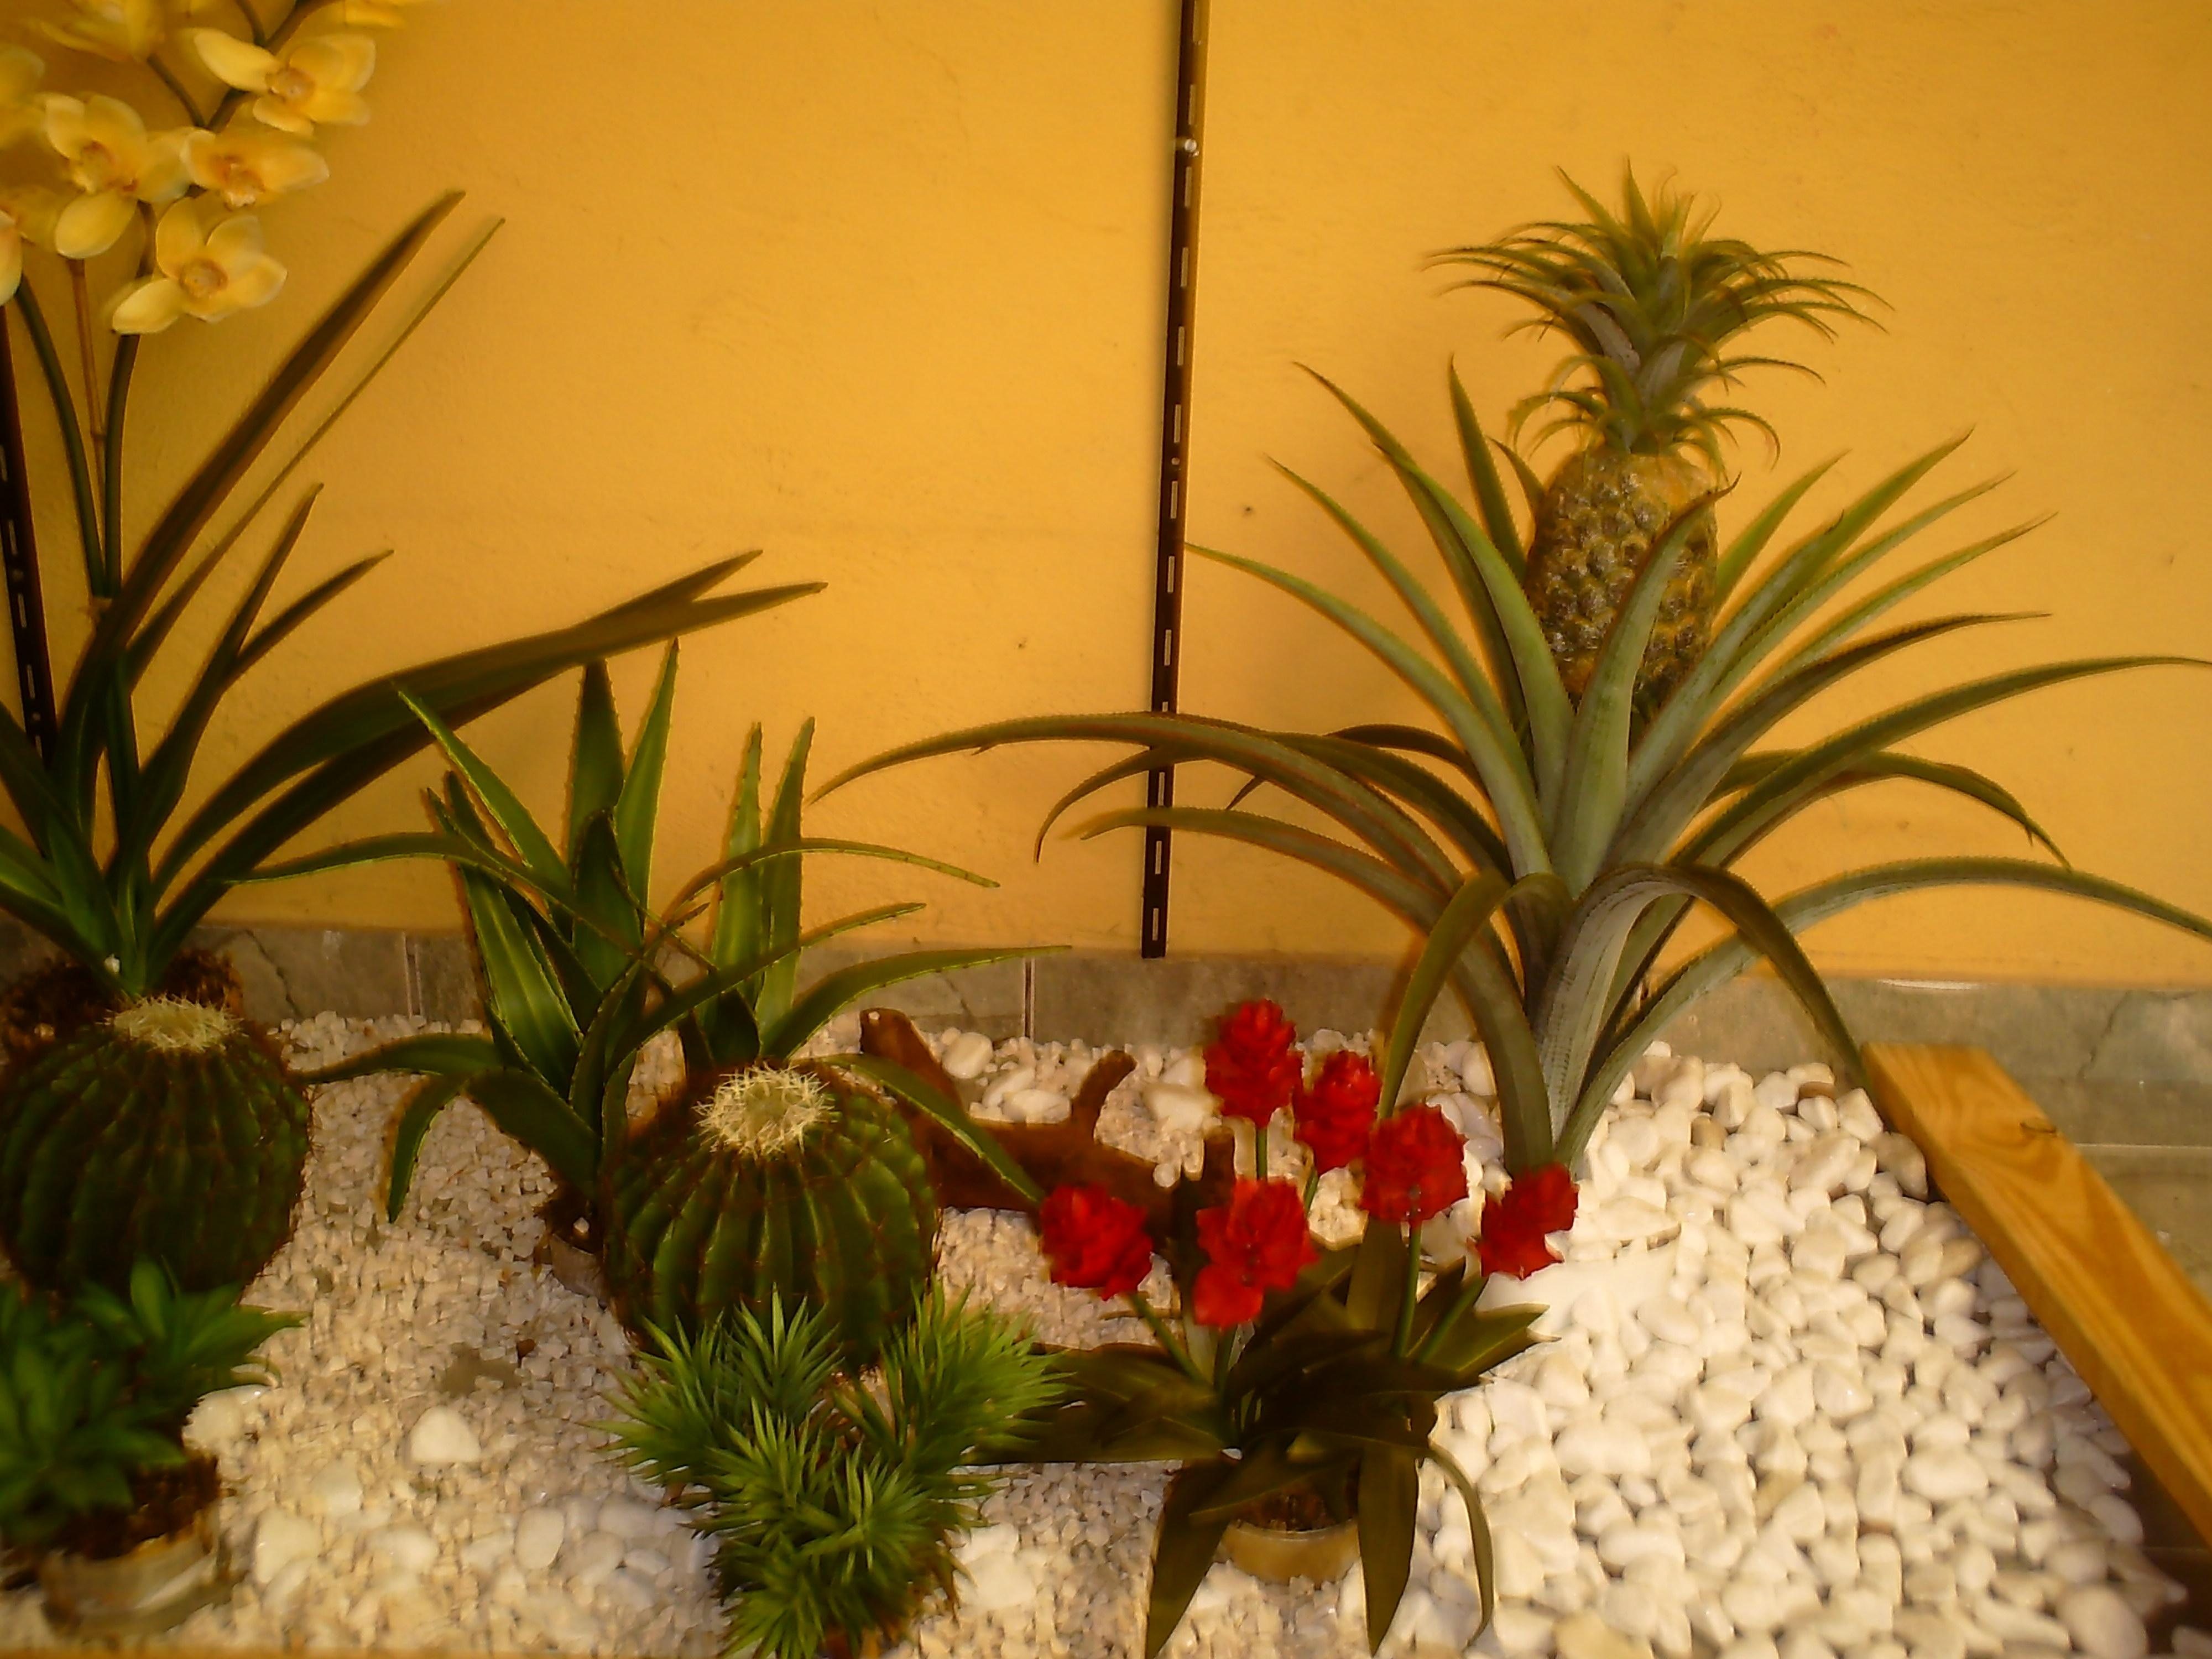 flores para jardim de inverno:jpeg 1326kB, Jardim de cactos e bromelias naiara plantas jardim de